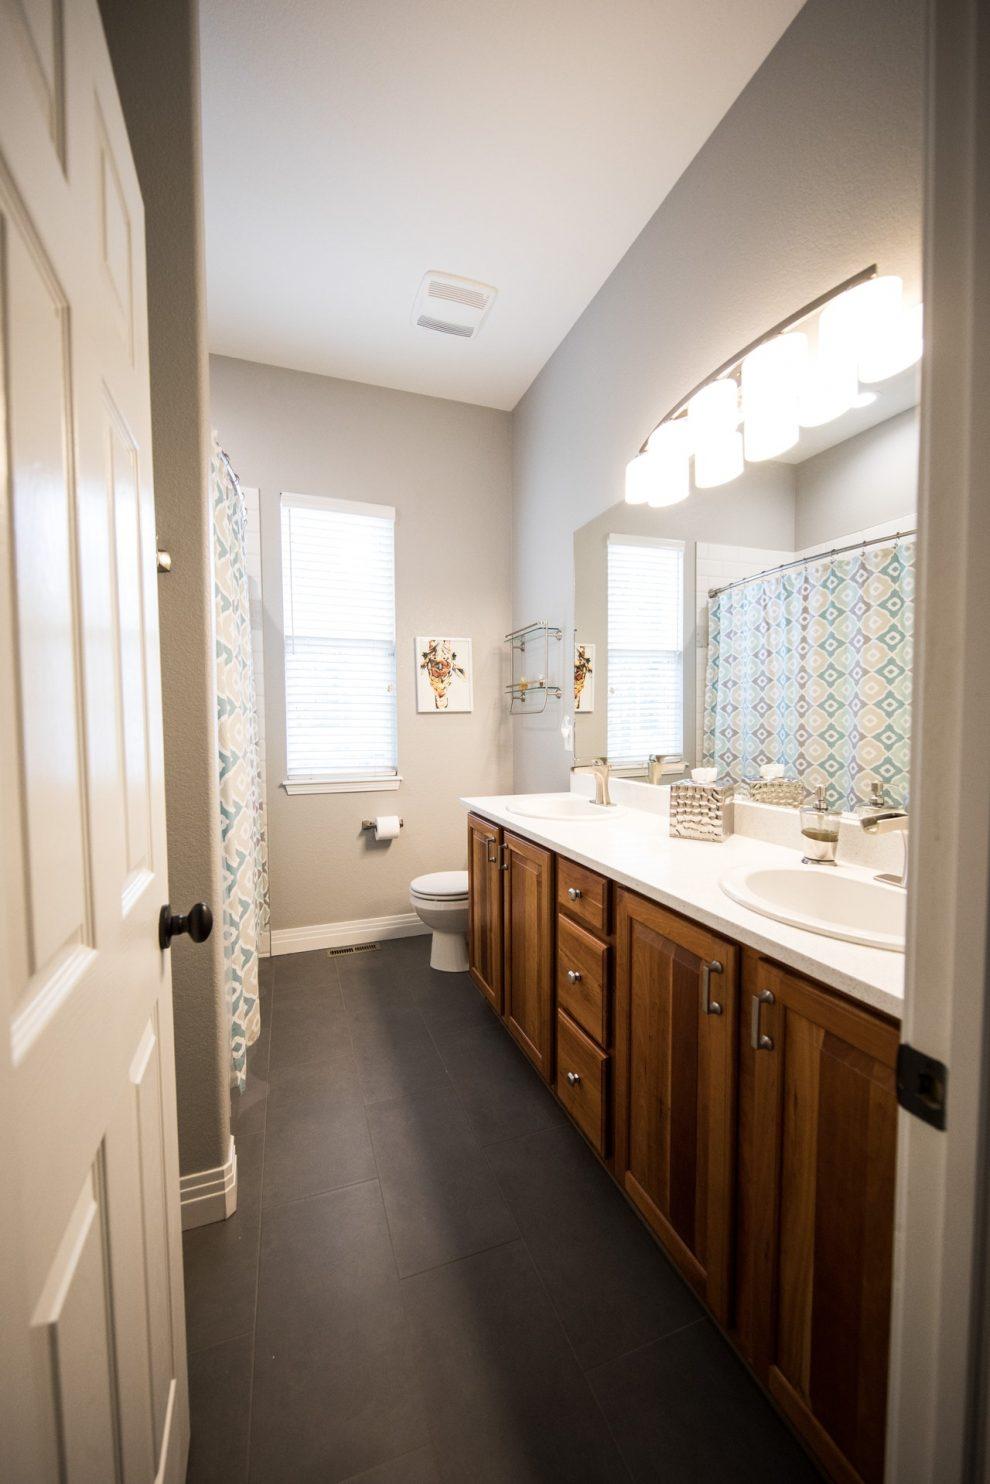 Drzwi łazienkowe - jakie rozwiązania są obecnie w modzie?